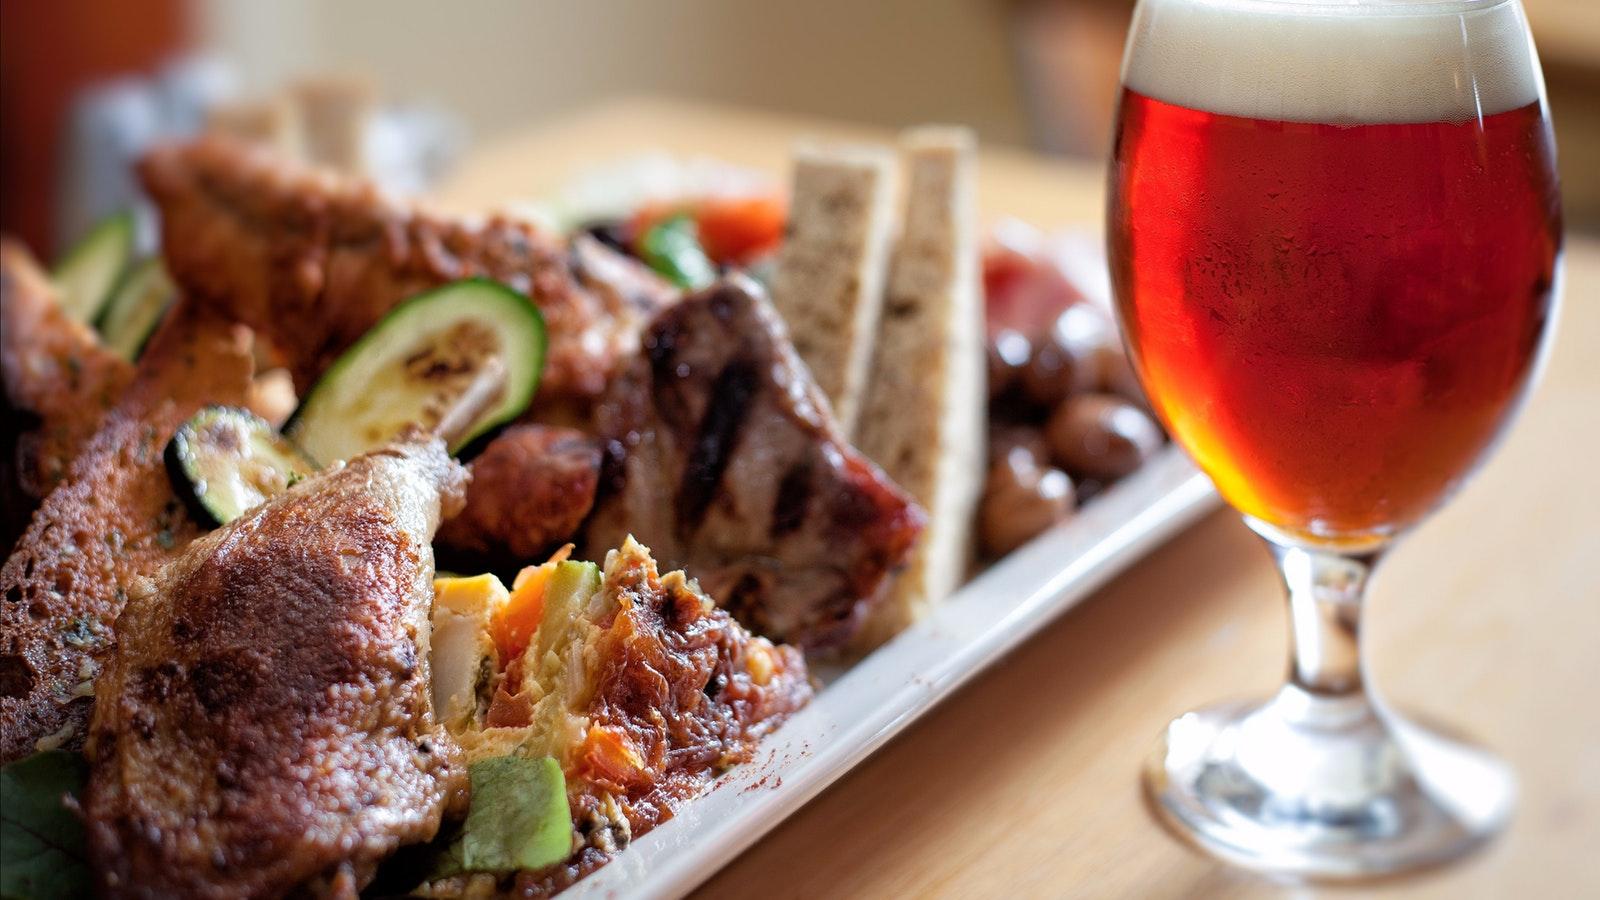 Holgate's beer and food pairing